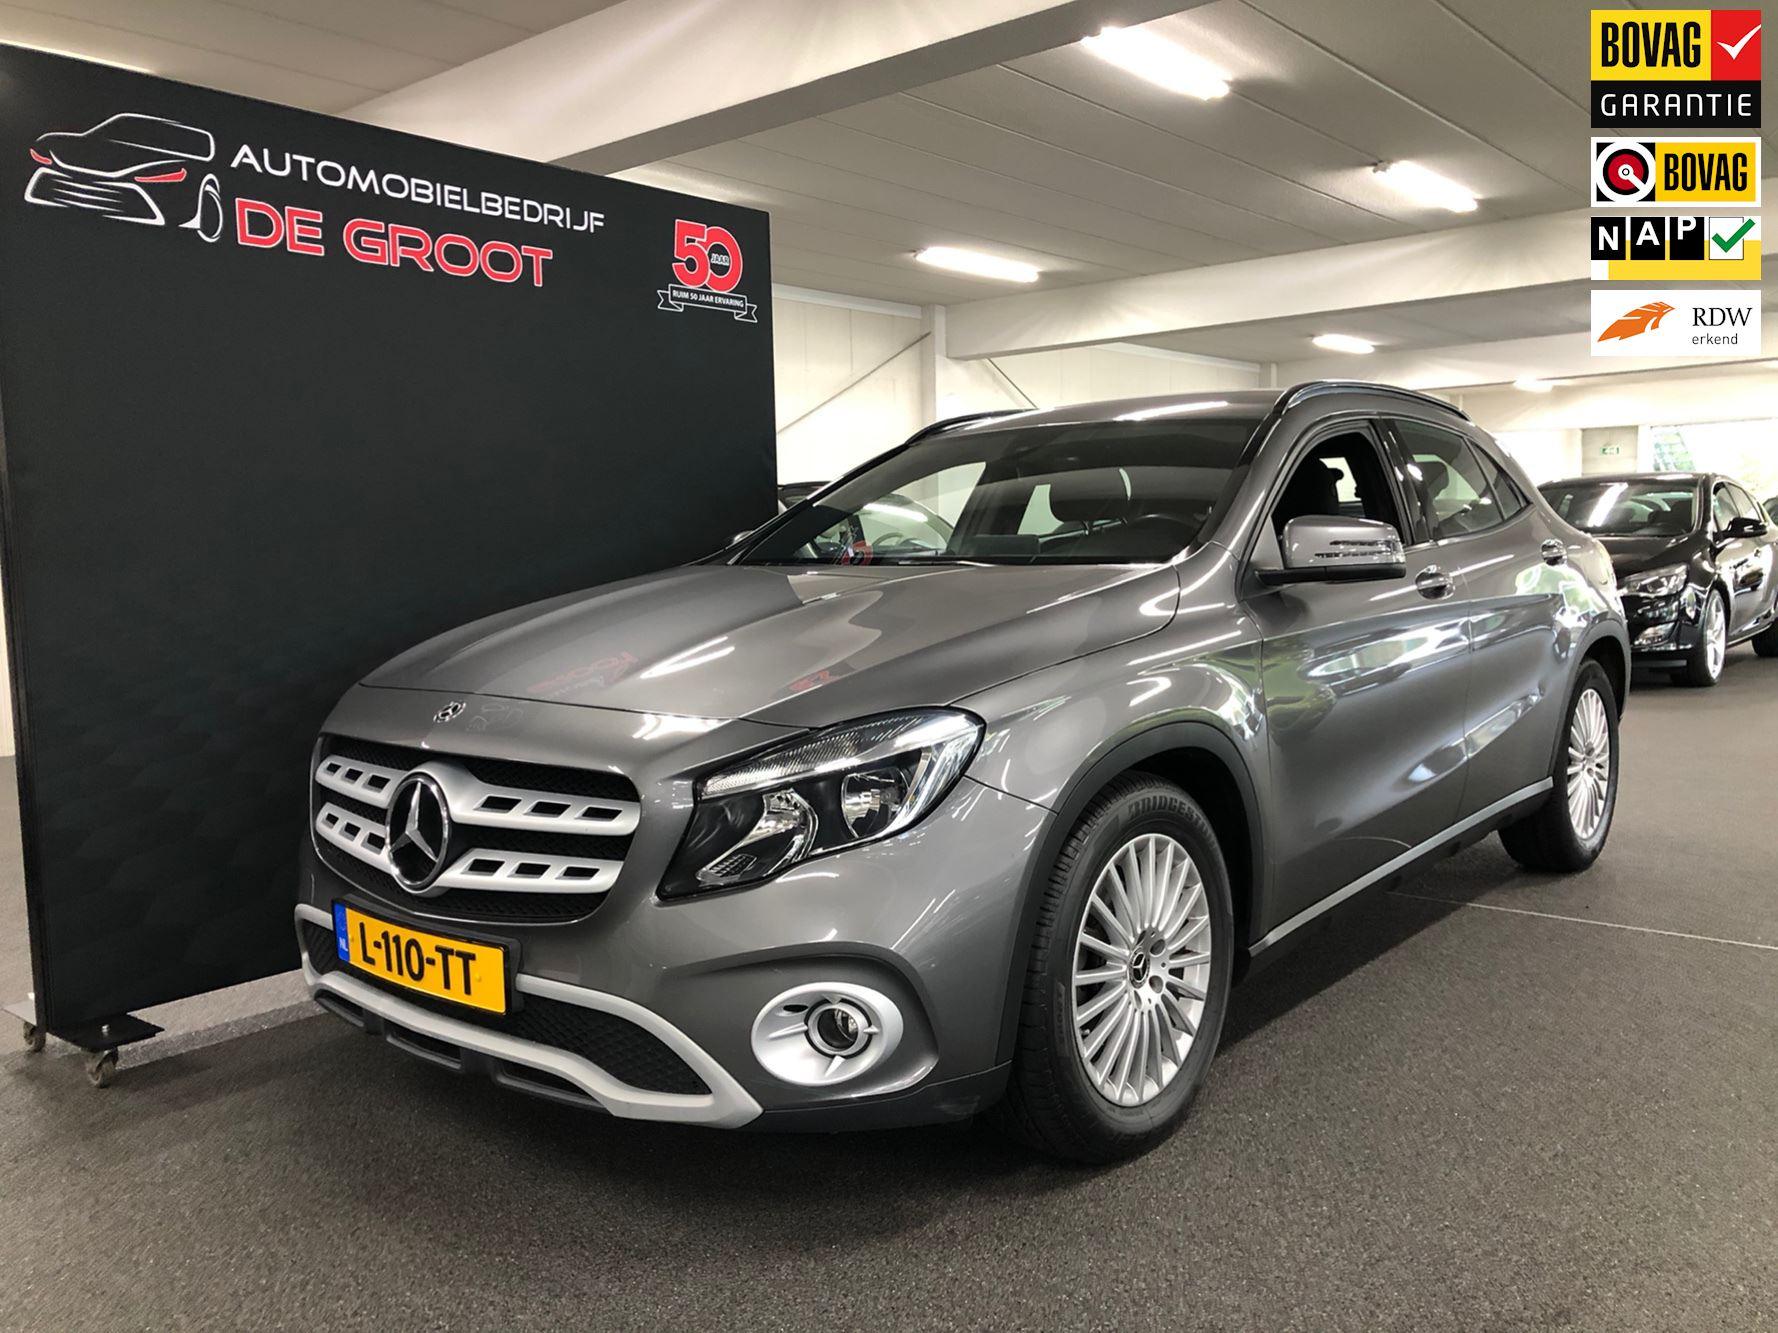 Mercedes-Benz GLA-klasse occasion - Automobielbedrijf de Groot